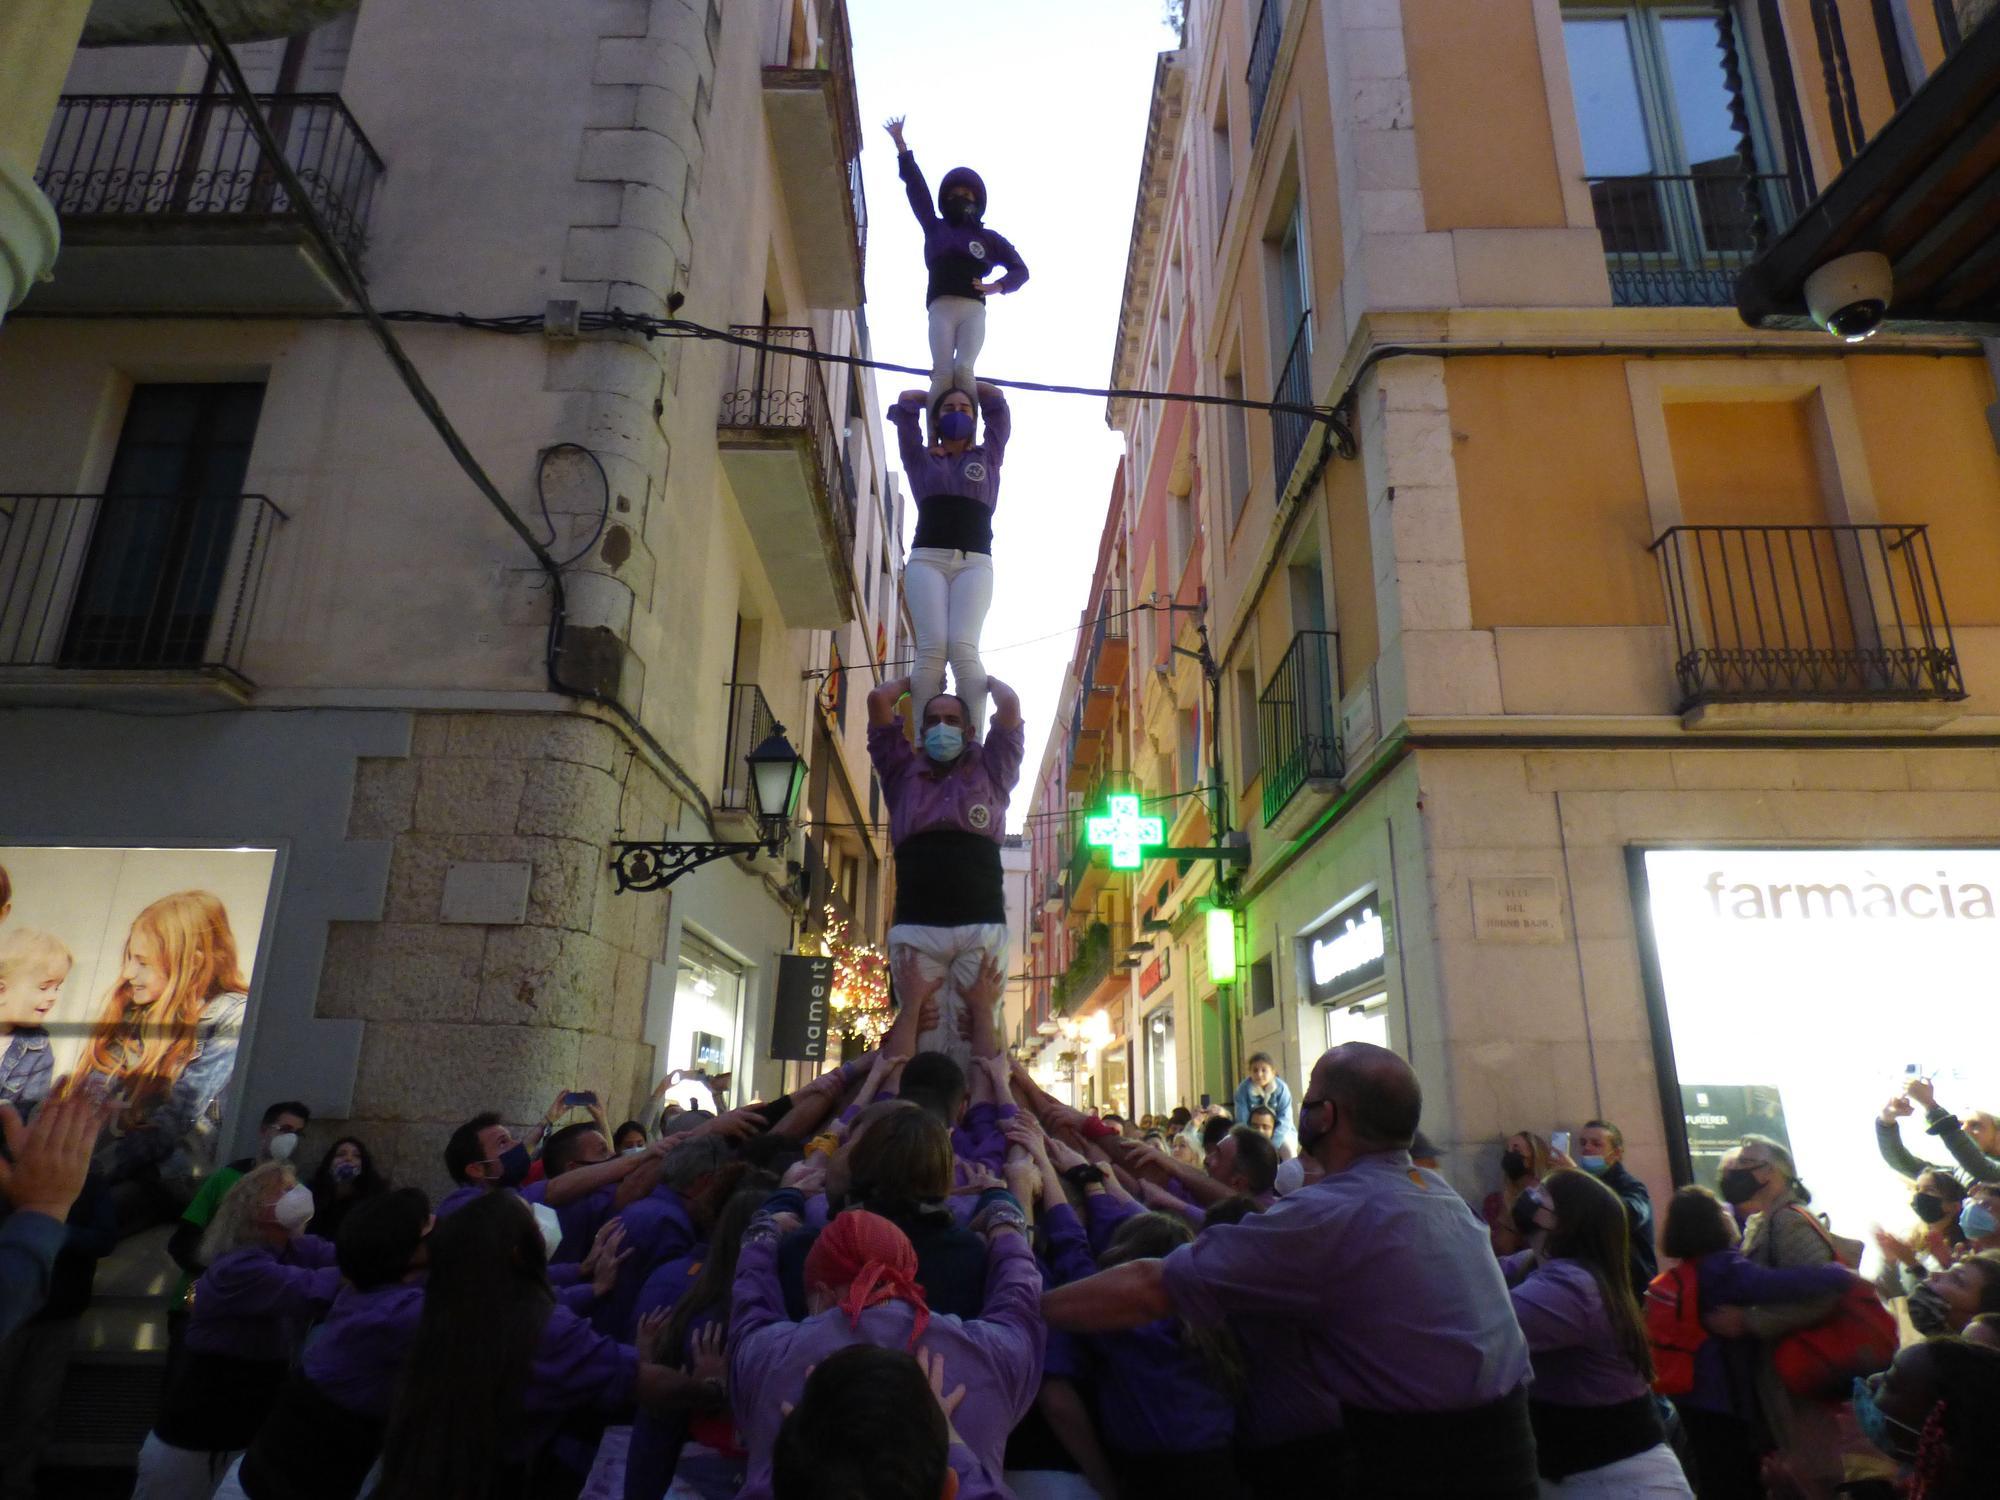 La Colla Castellera de Figueres torna a la plaça de l'Ajuntament després d'un any i mig